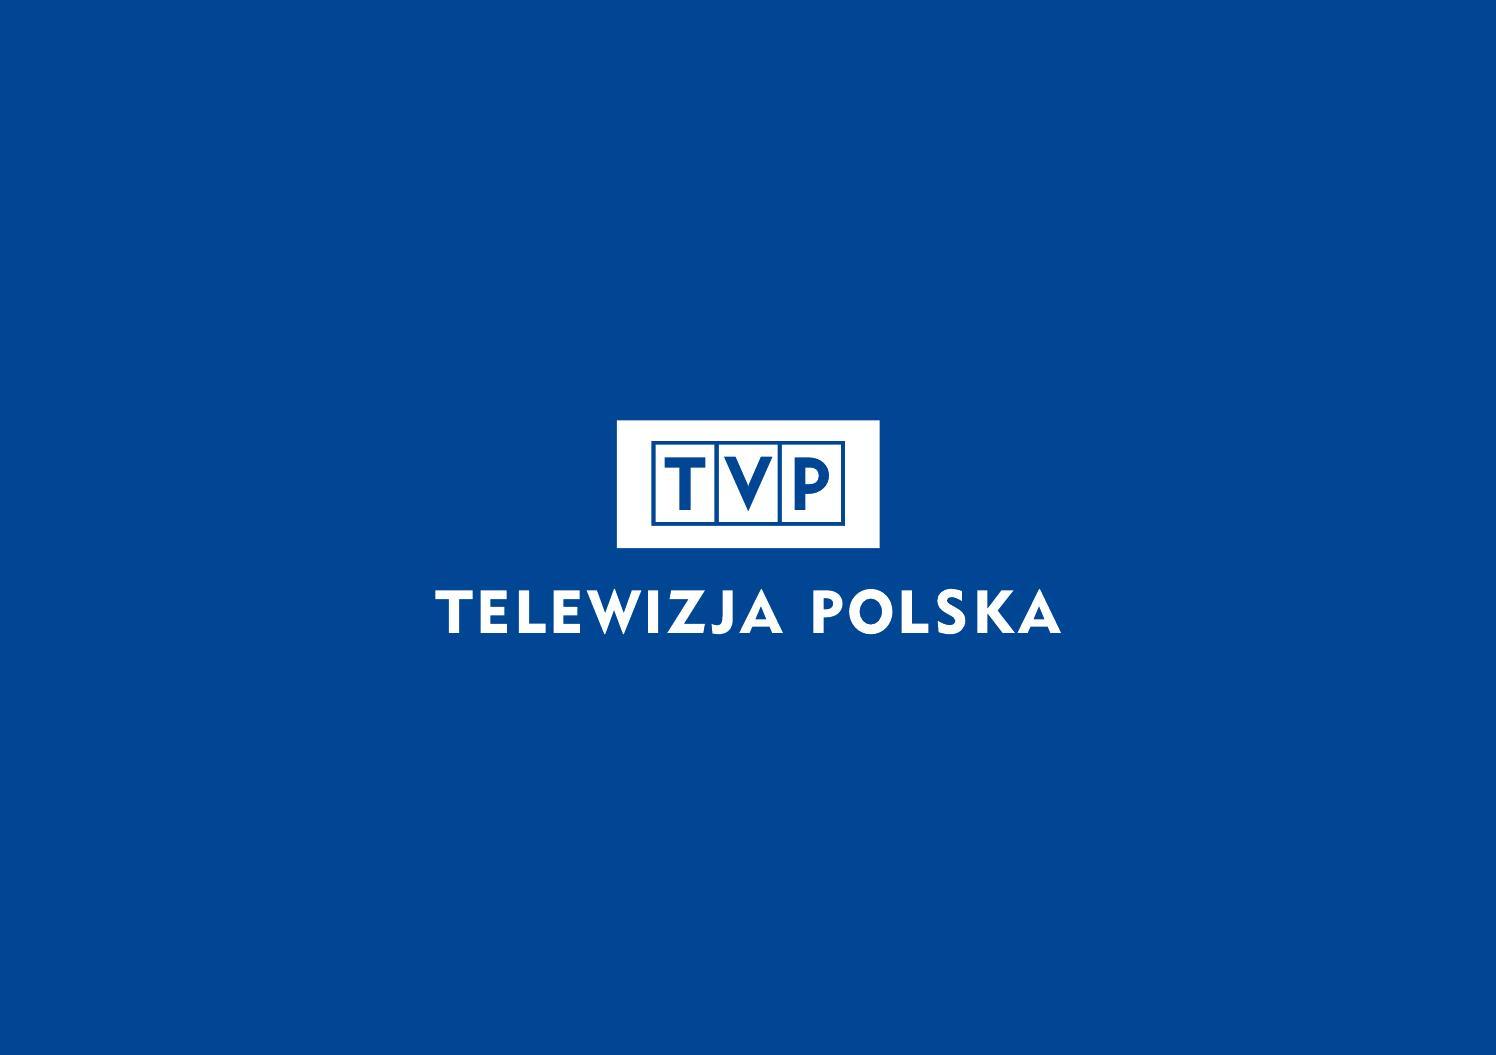 Drzazgi film polski online dating